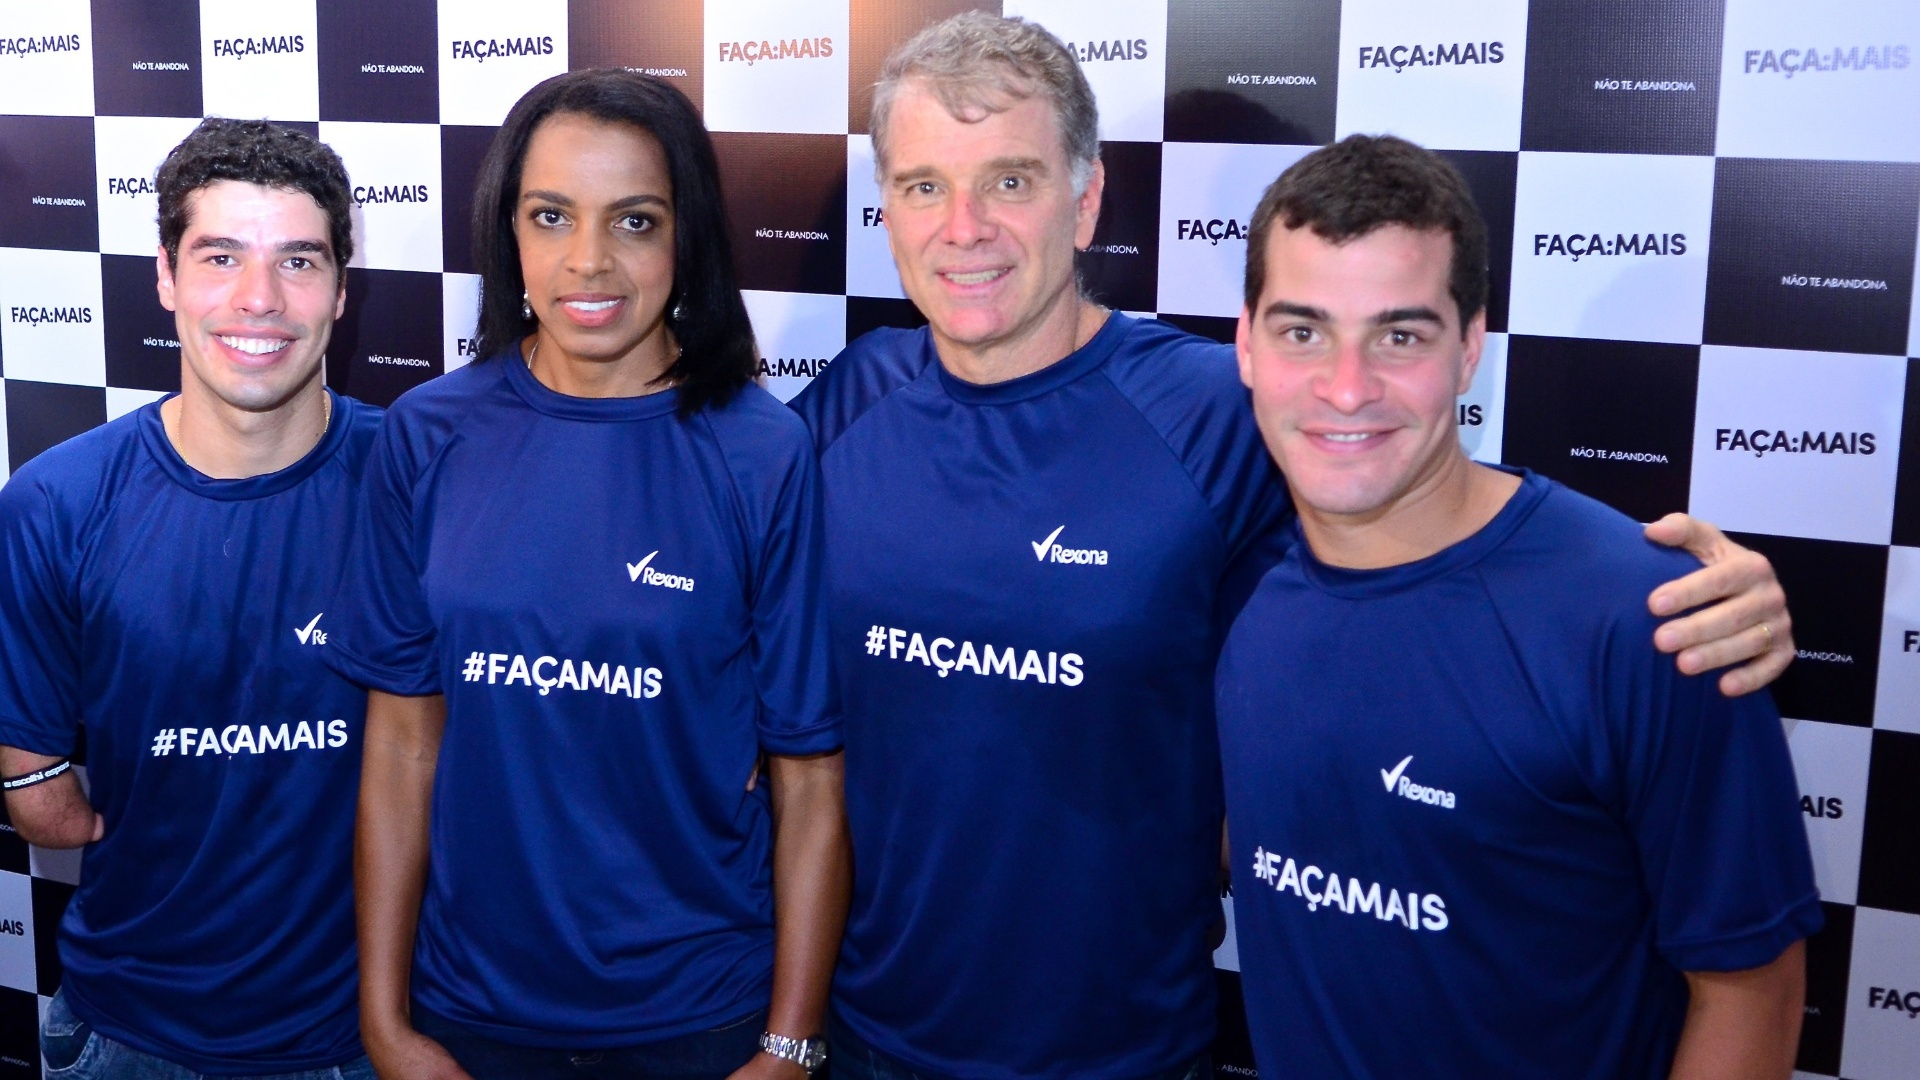 Daniel Dias, Fofão, Bernardinho e o ator Thiago Martins, em evento de patrocinador em São Paulo